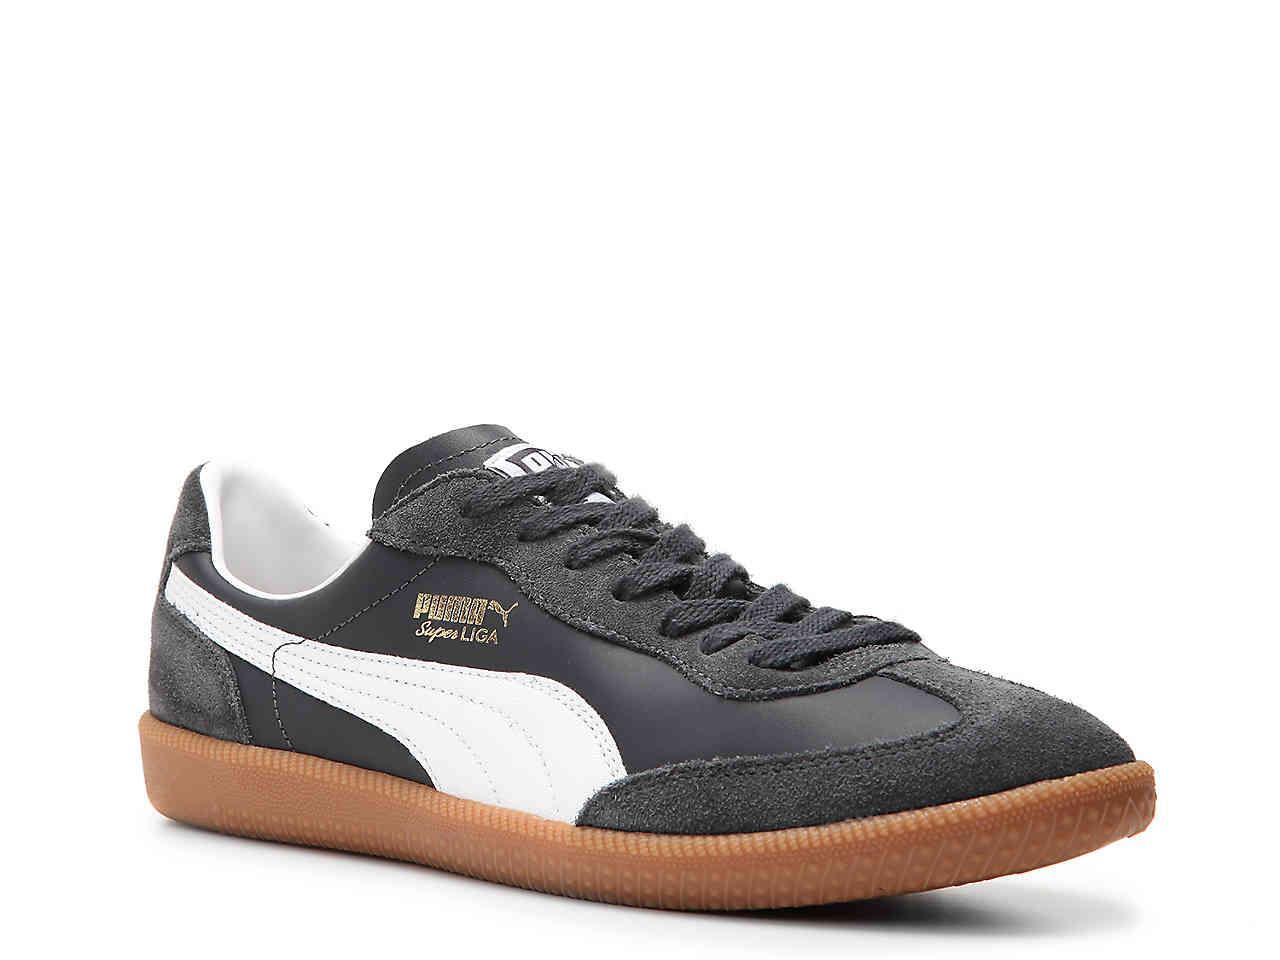 Lyst - PUMA Super Liga Og Retro Sneaker in Blue for Men b1c06bfeb